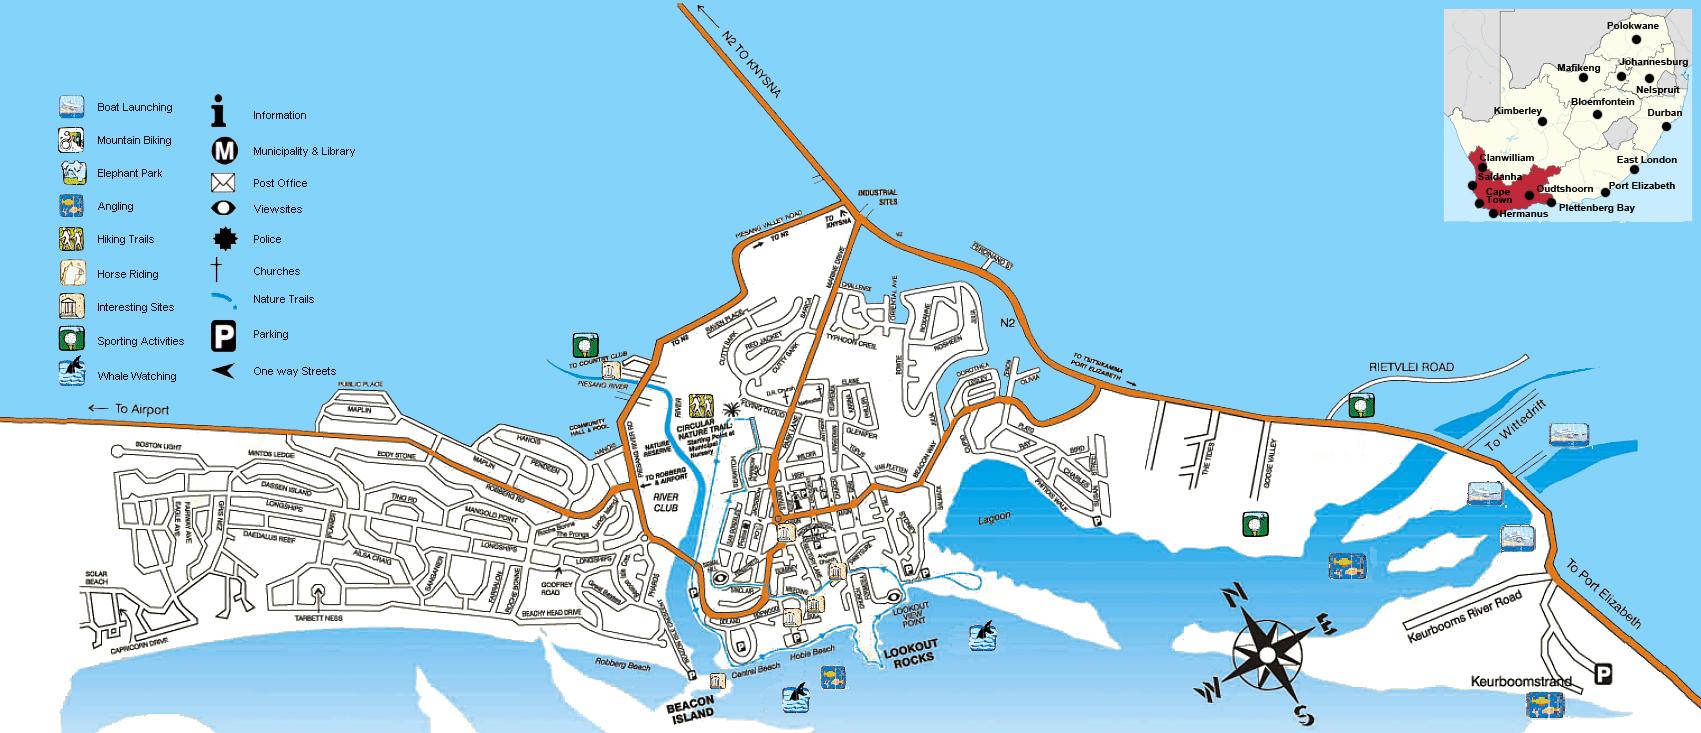 Plettenberg Bay street map